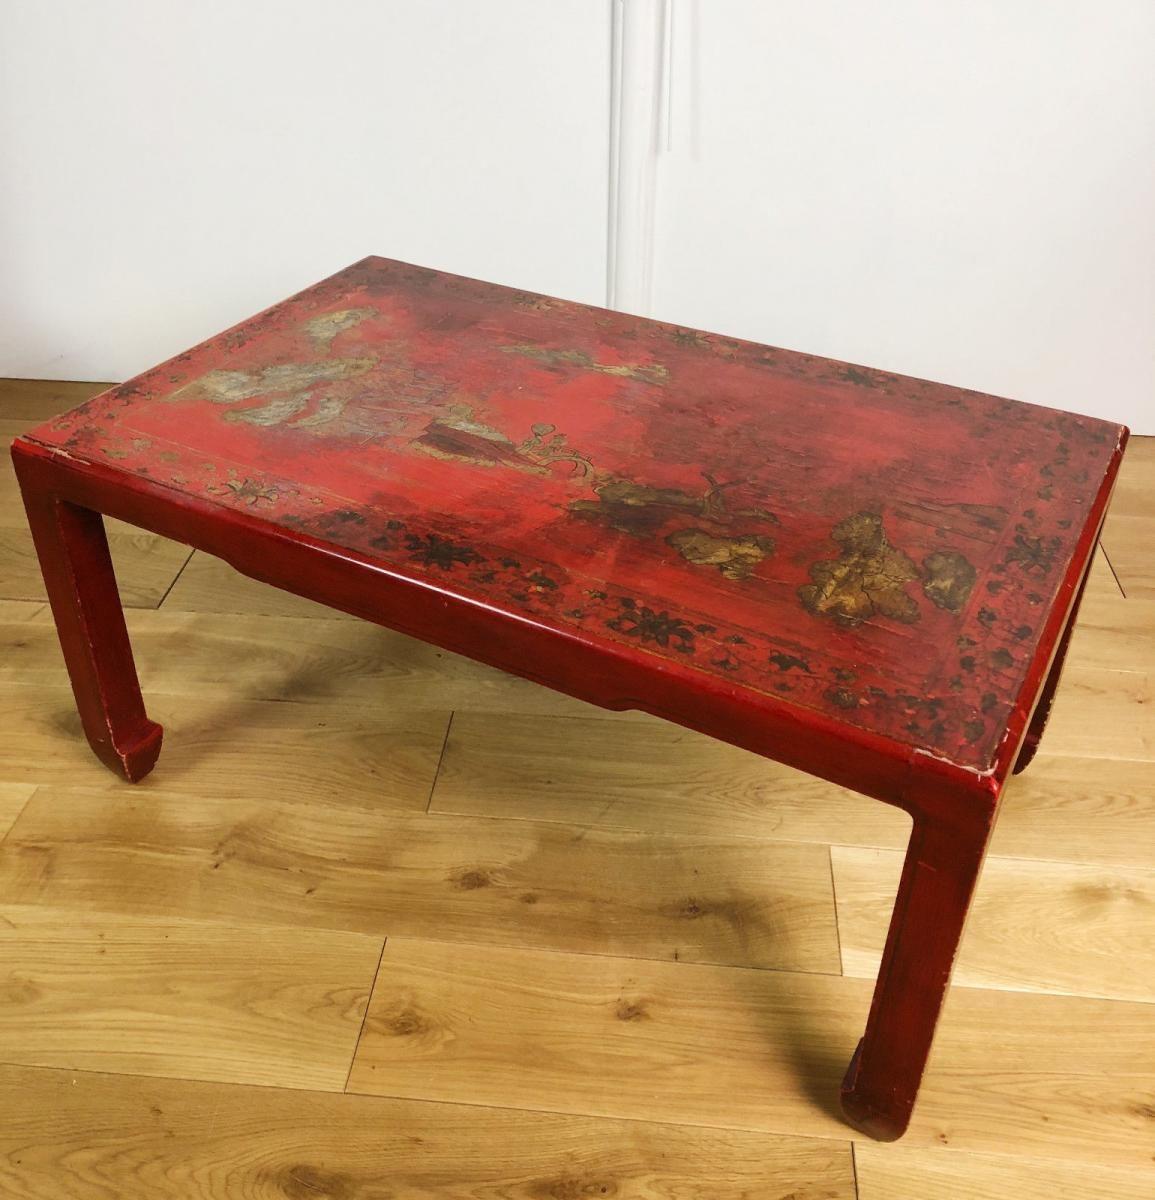 Table Basse Des Annees 1900 A Decor Chinois En Bois Laque Rouge Leleu Antiquites Proantic Table Basse Mobilier Chinois Table Basse Bois